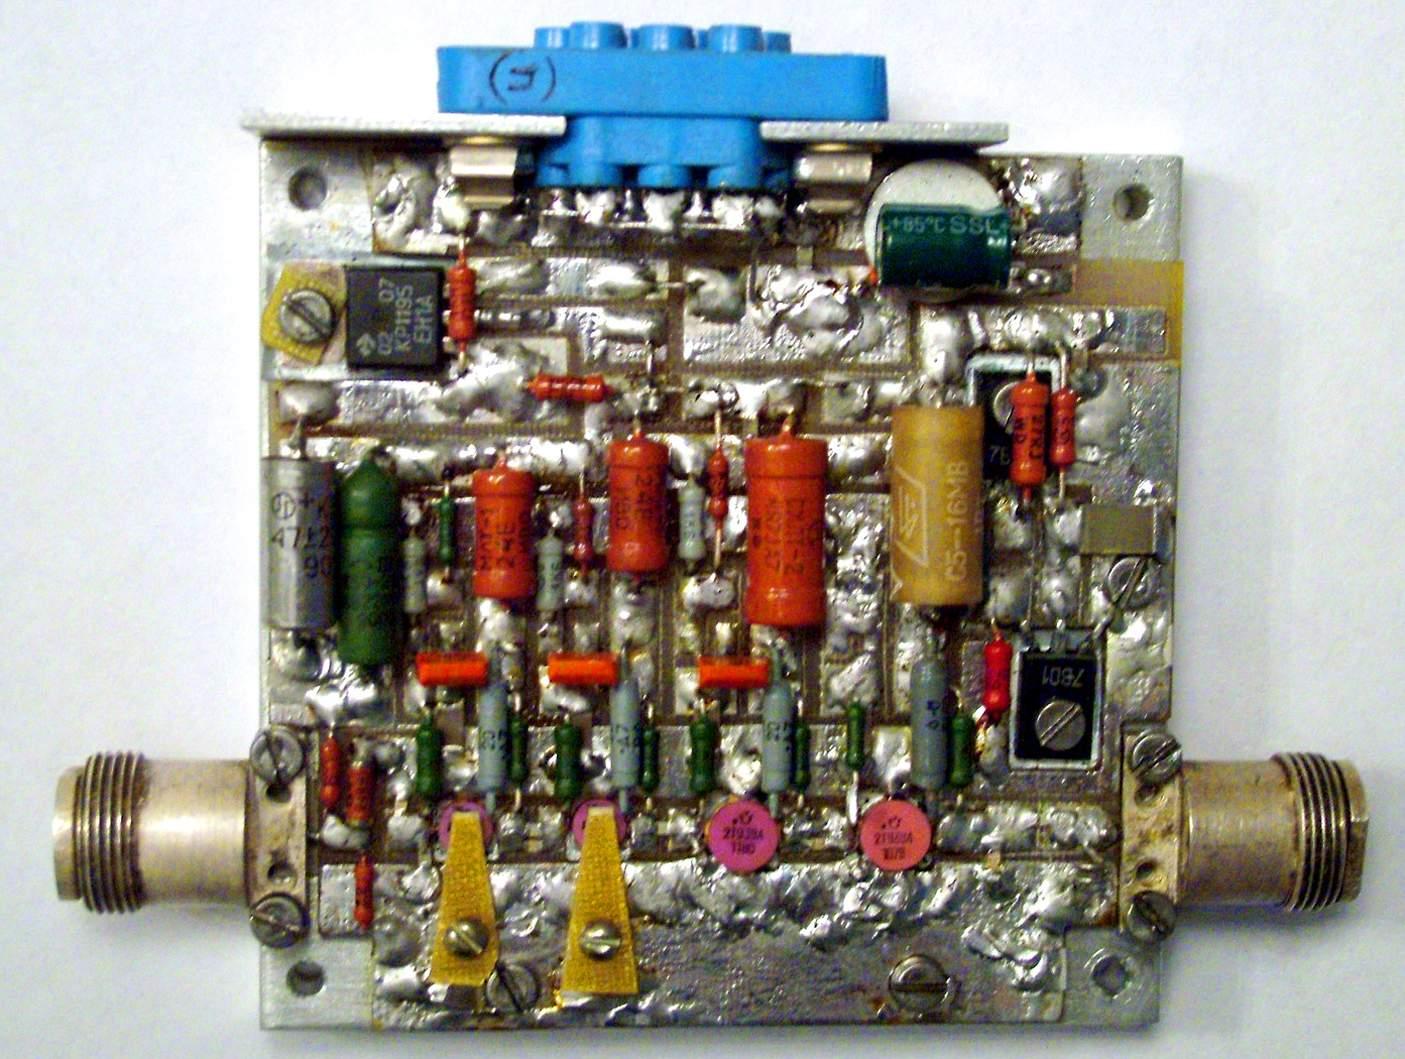 Знакомьтесь: транзисторный усилитель.  Большие серые цилиндры- это и есть знаменитые каскады, очищающие звук от помех.